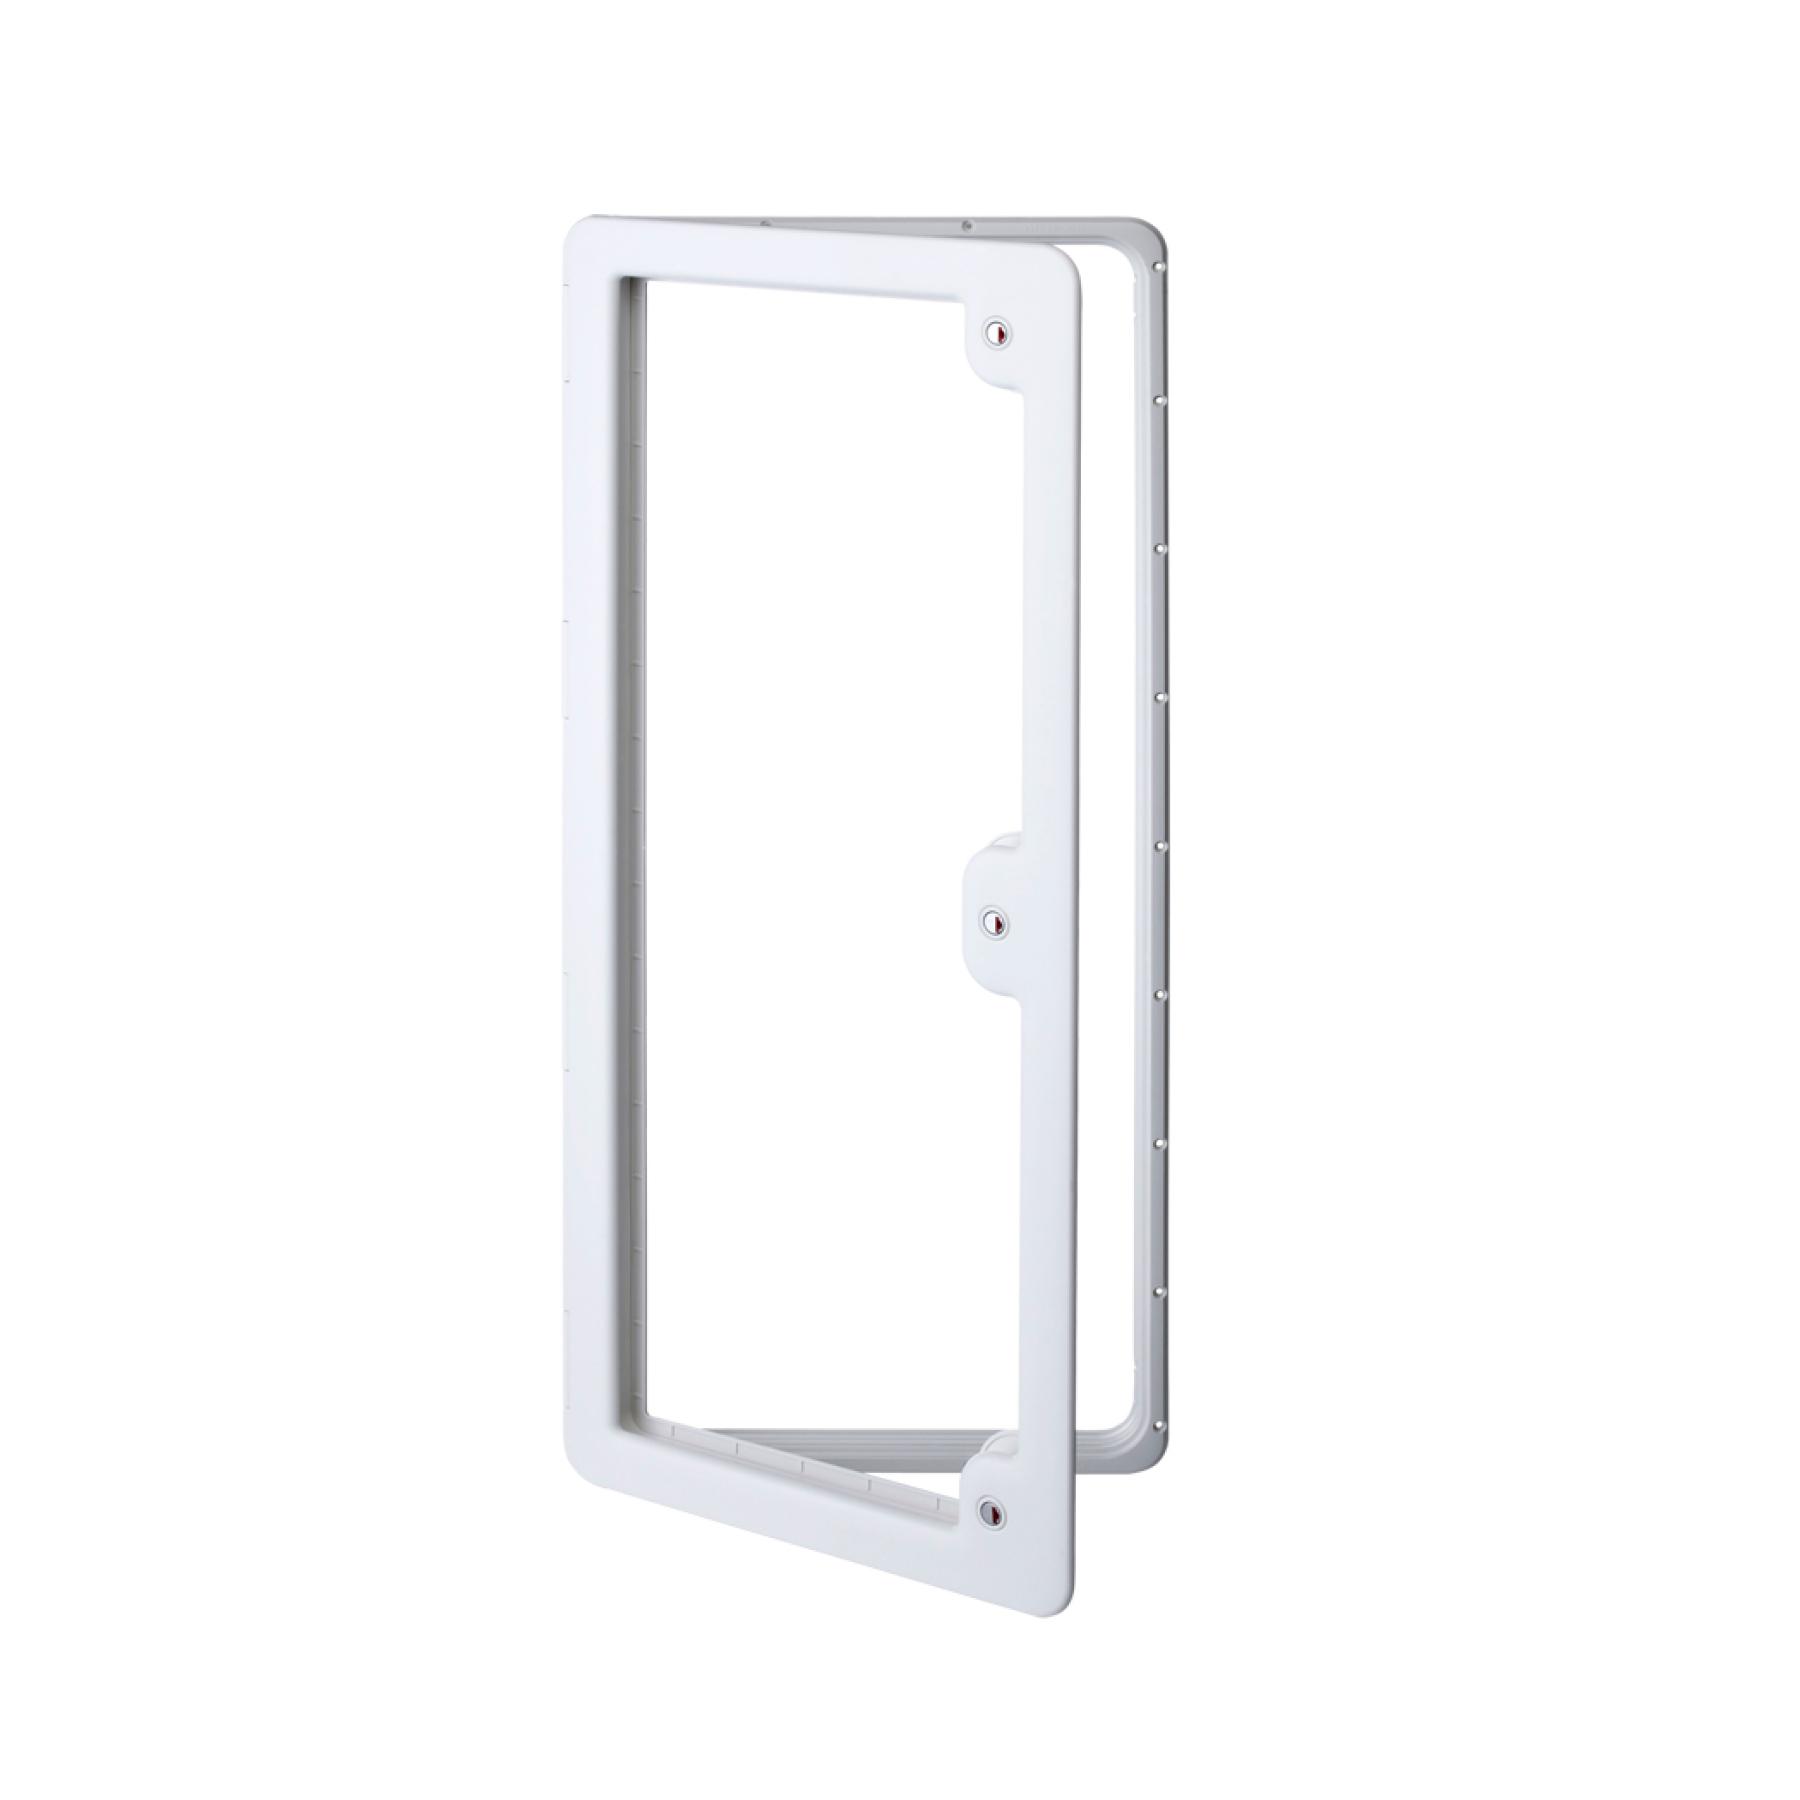 SERVICE DOOR 6 – LIGHT GREY/WHITE